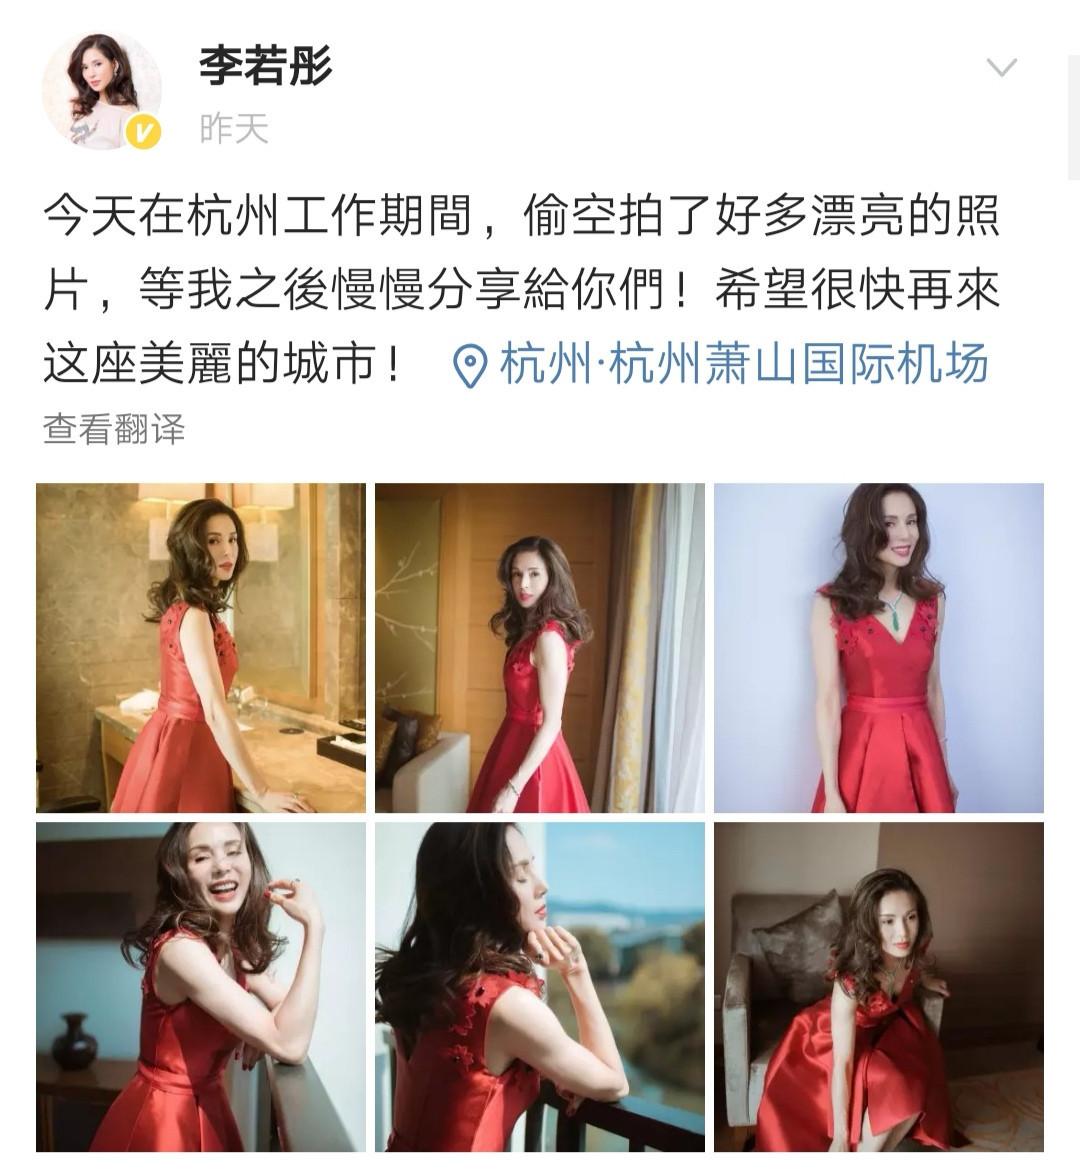 45岁李若彤晒红裙照,网友:终于像个明星了